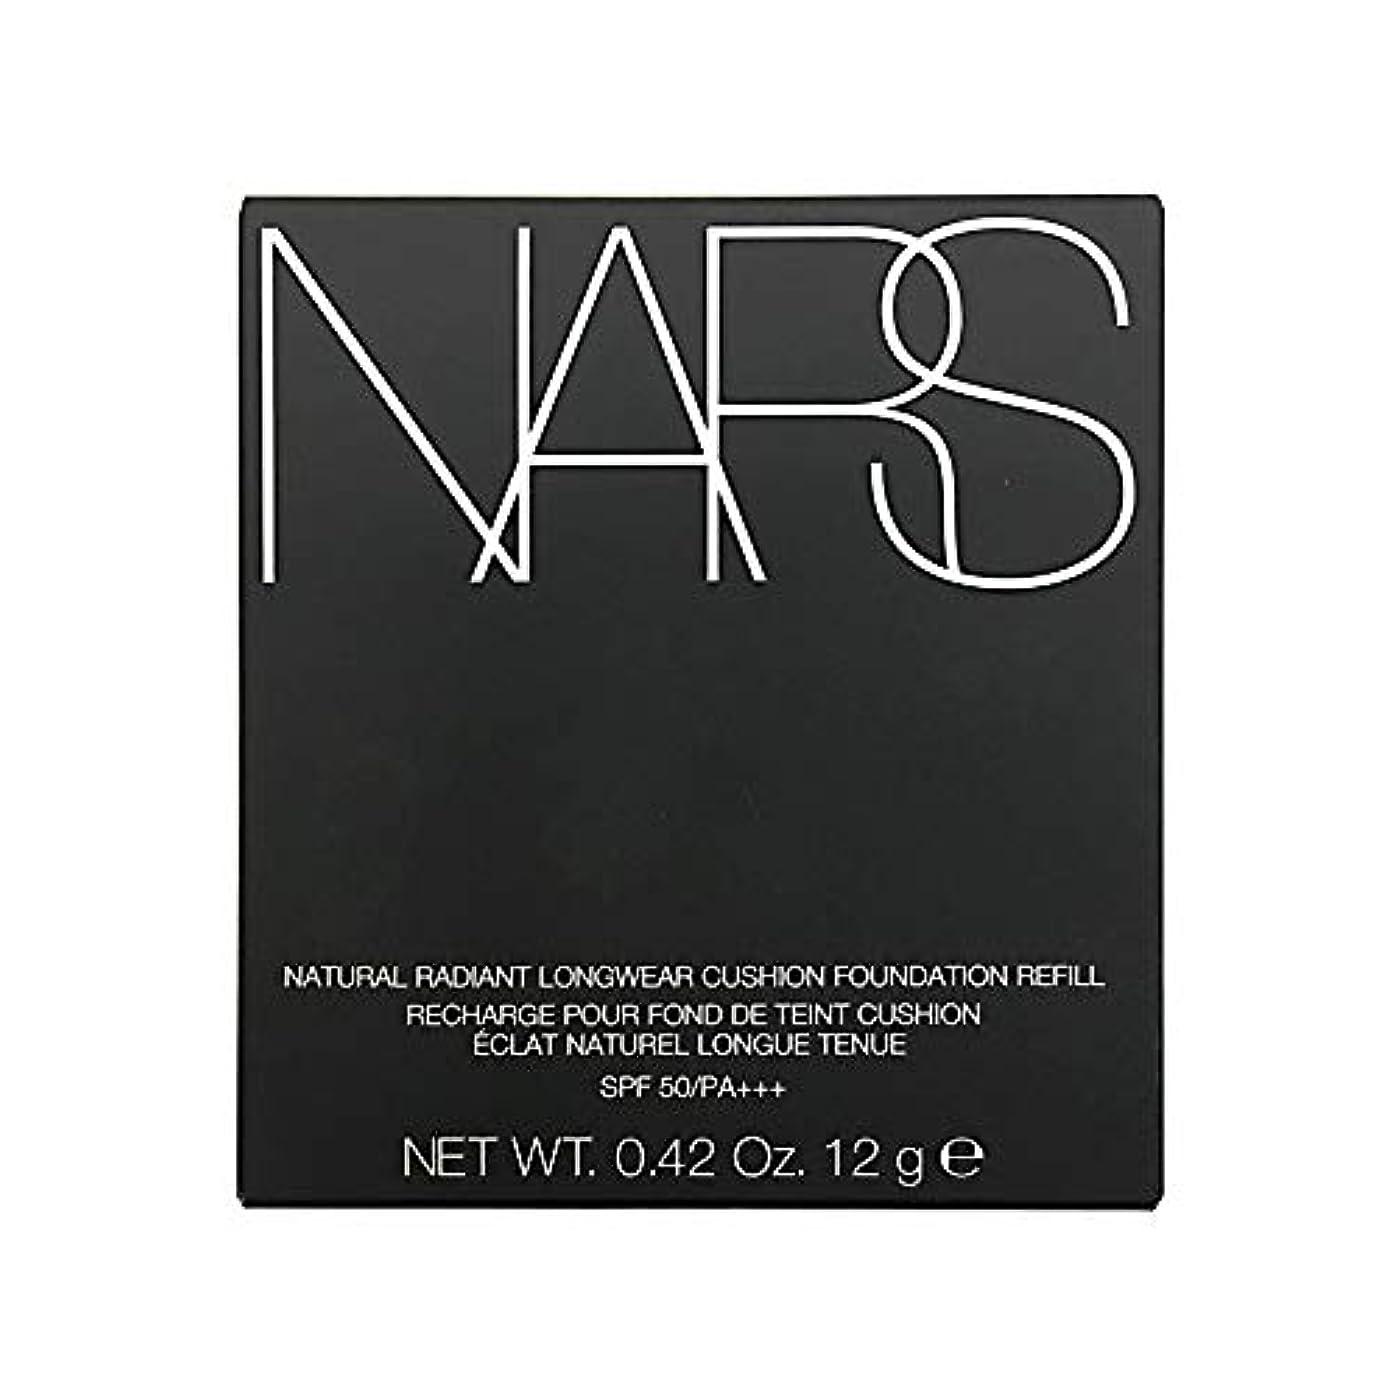 修理工歩き回るおなじみのナーズ/NARS ナチュラルラディアント ロングウェア クッションファンデーション(レフィル)#5878 [ クッションファンデ ] [並行輸入品]